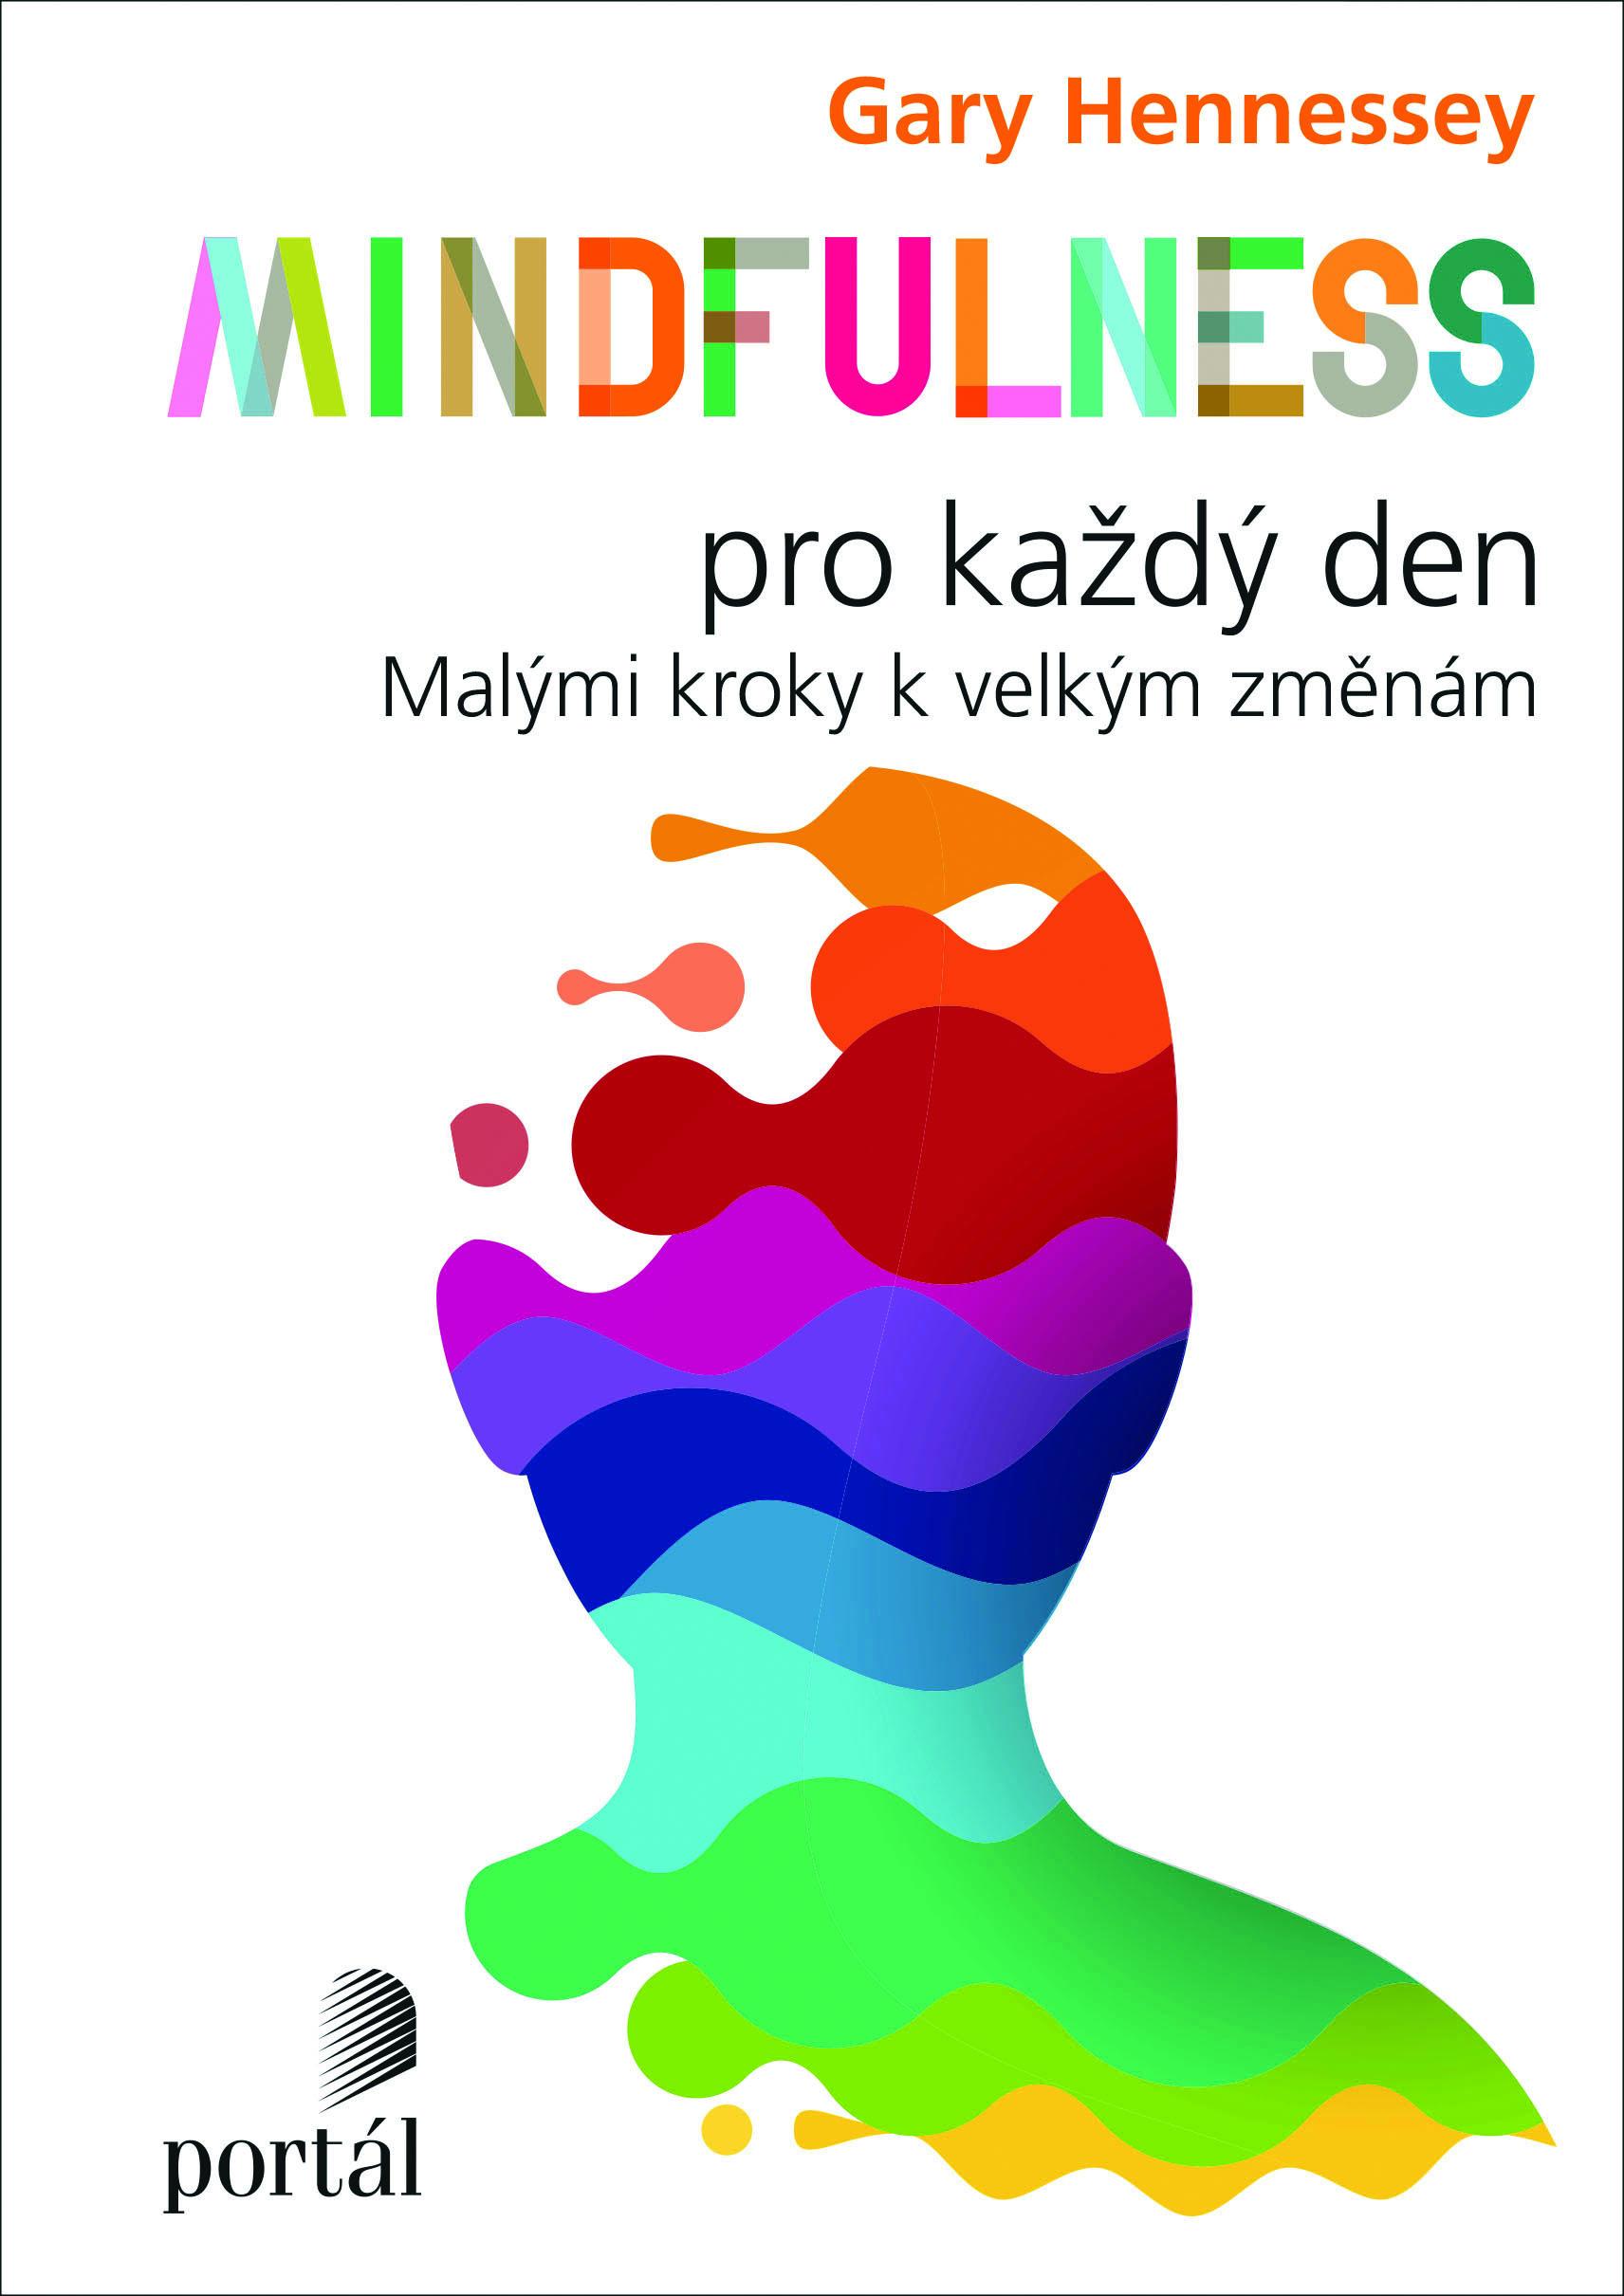 Mindfulness pro každý den – publikace